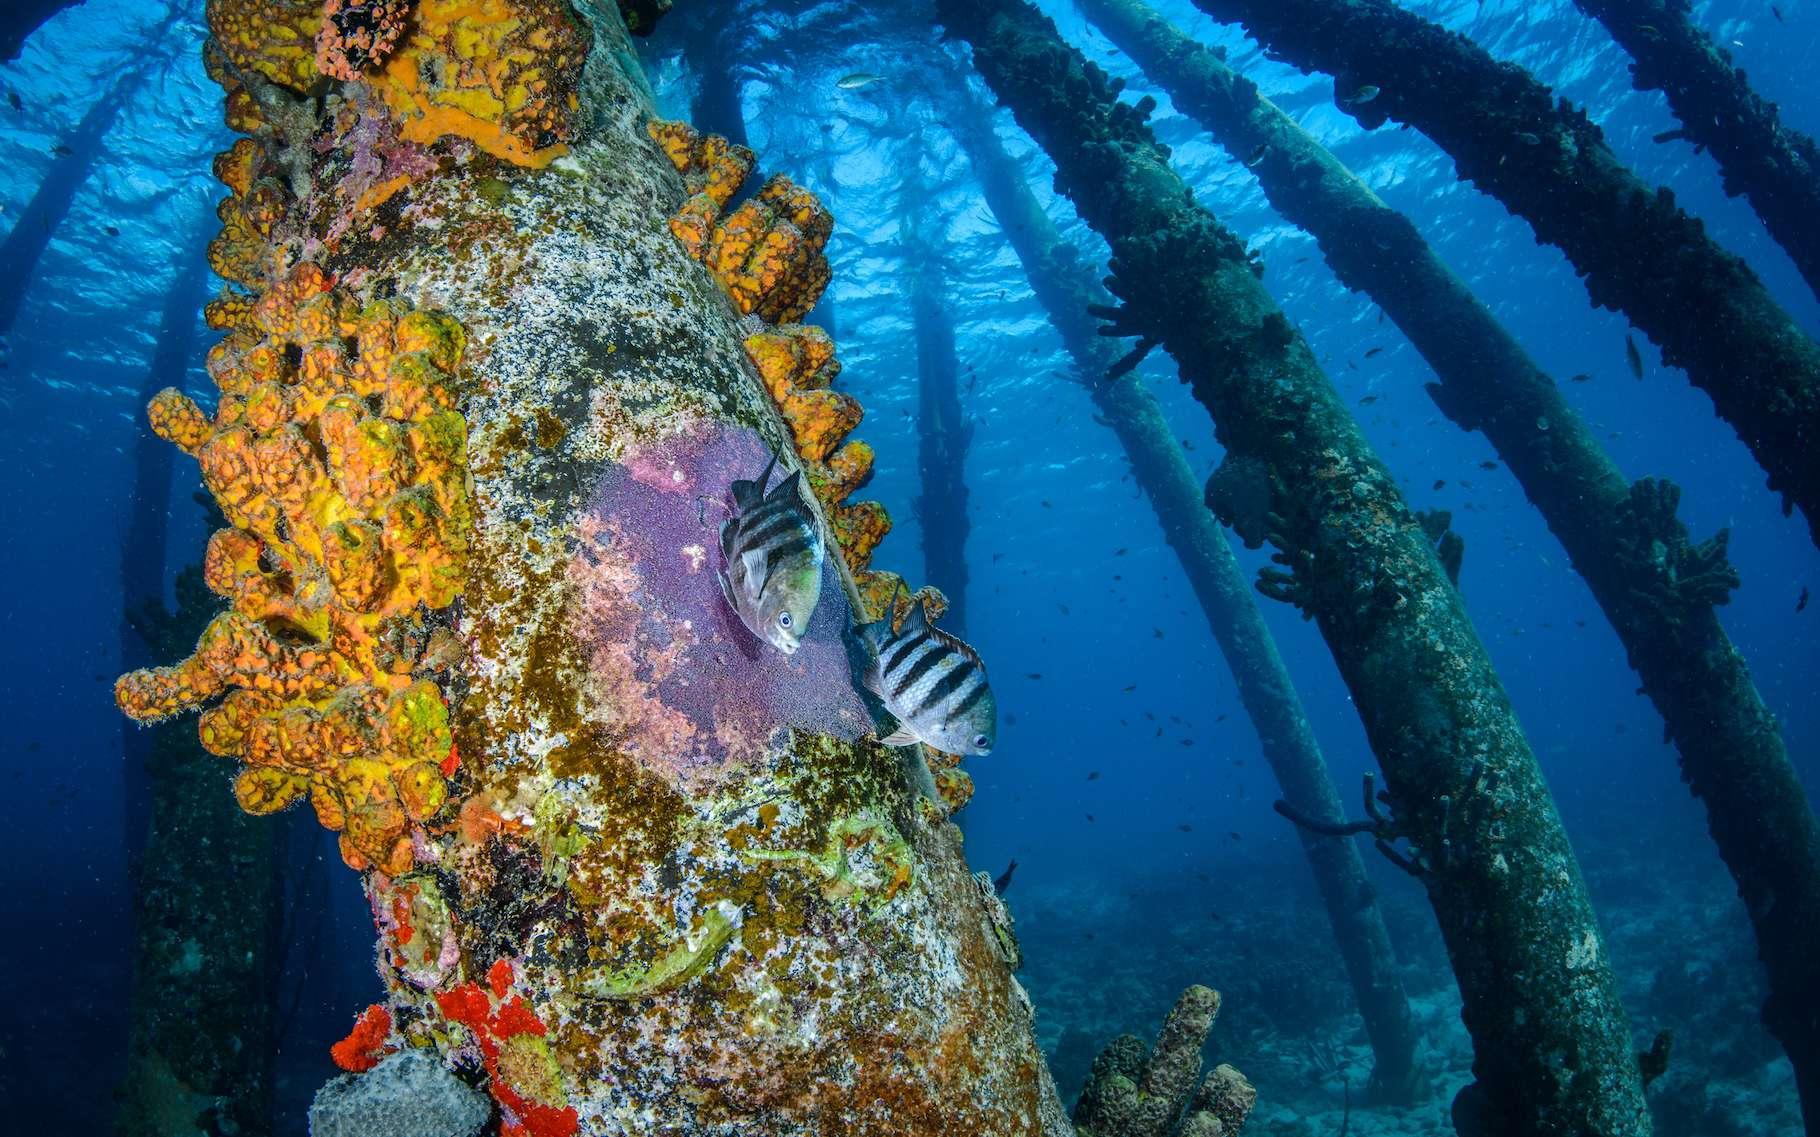 À l'occasion de la Journée mondiale de l'océan, la Fondation Dassault Système enrichit Mission Océan de trois nouveaux contenus éducatifs. © Ron Watkins, Fondation Dassault Systèmes